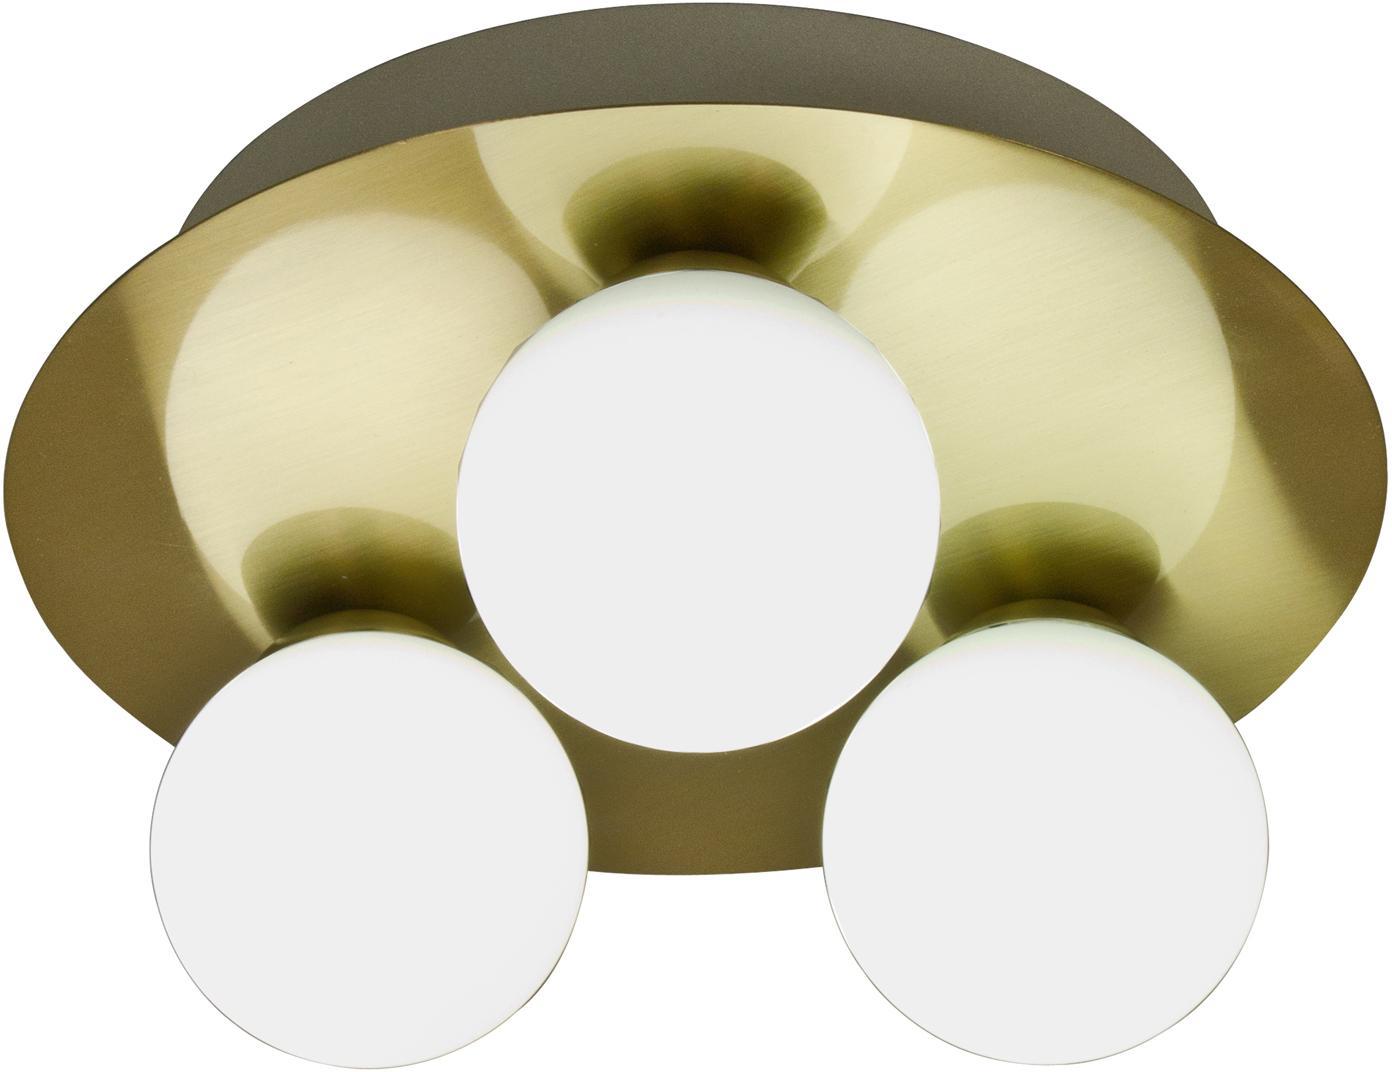 LED Deckenleuchte Orfeus, Lampenschirm: Opalglas, Messing, Opalweiss, Ø 25 x H 13 cm